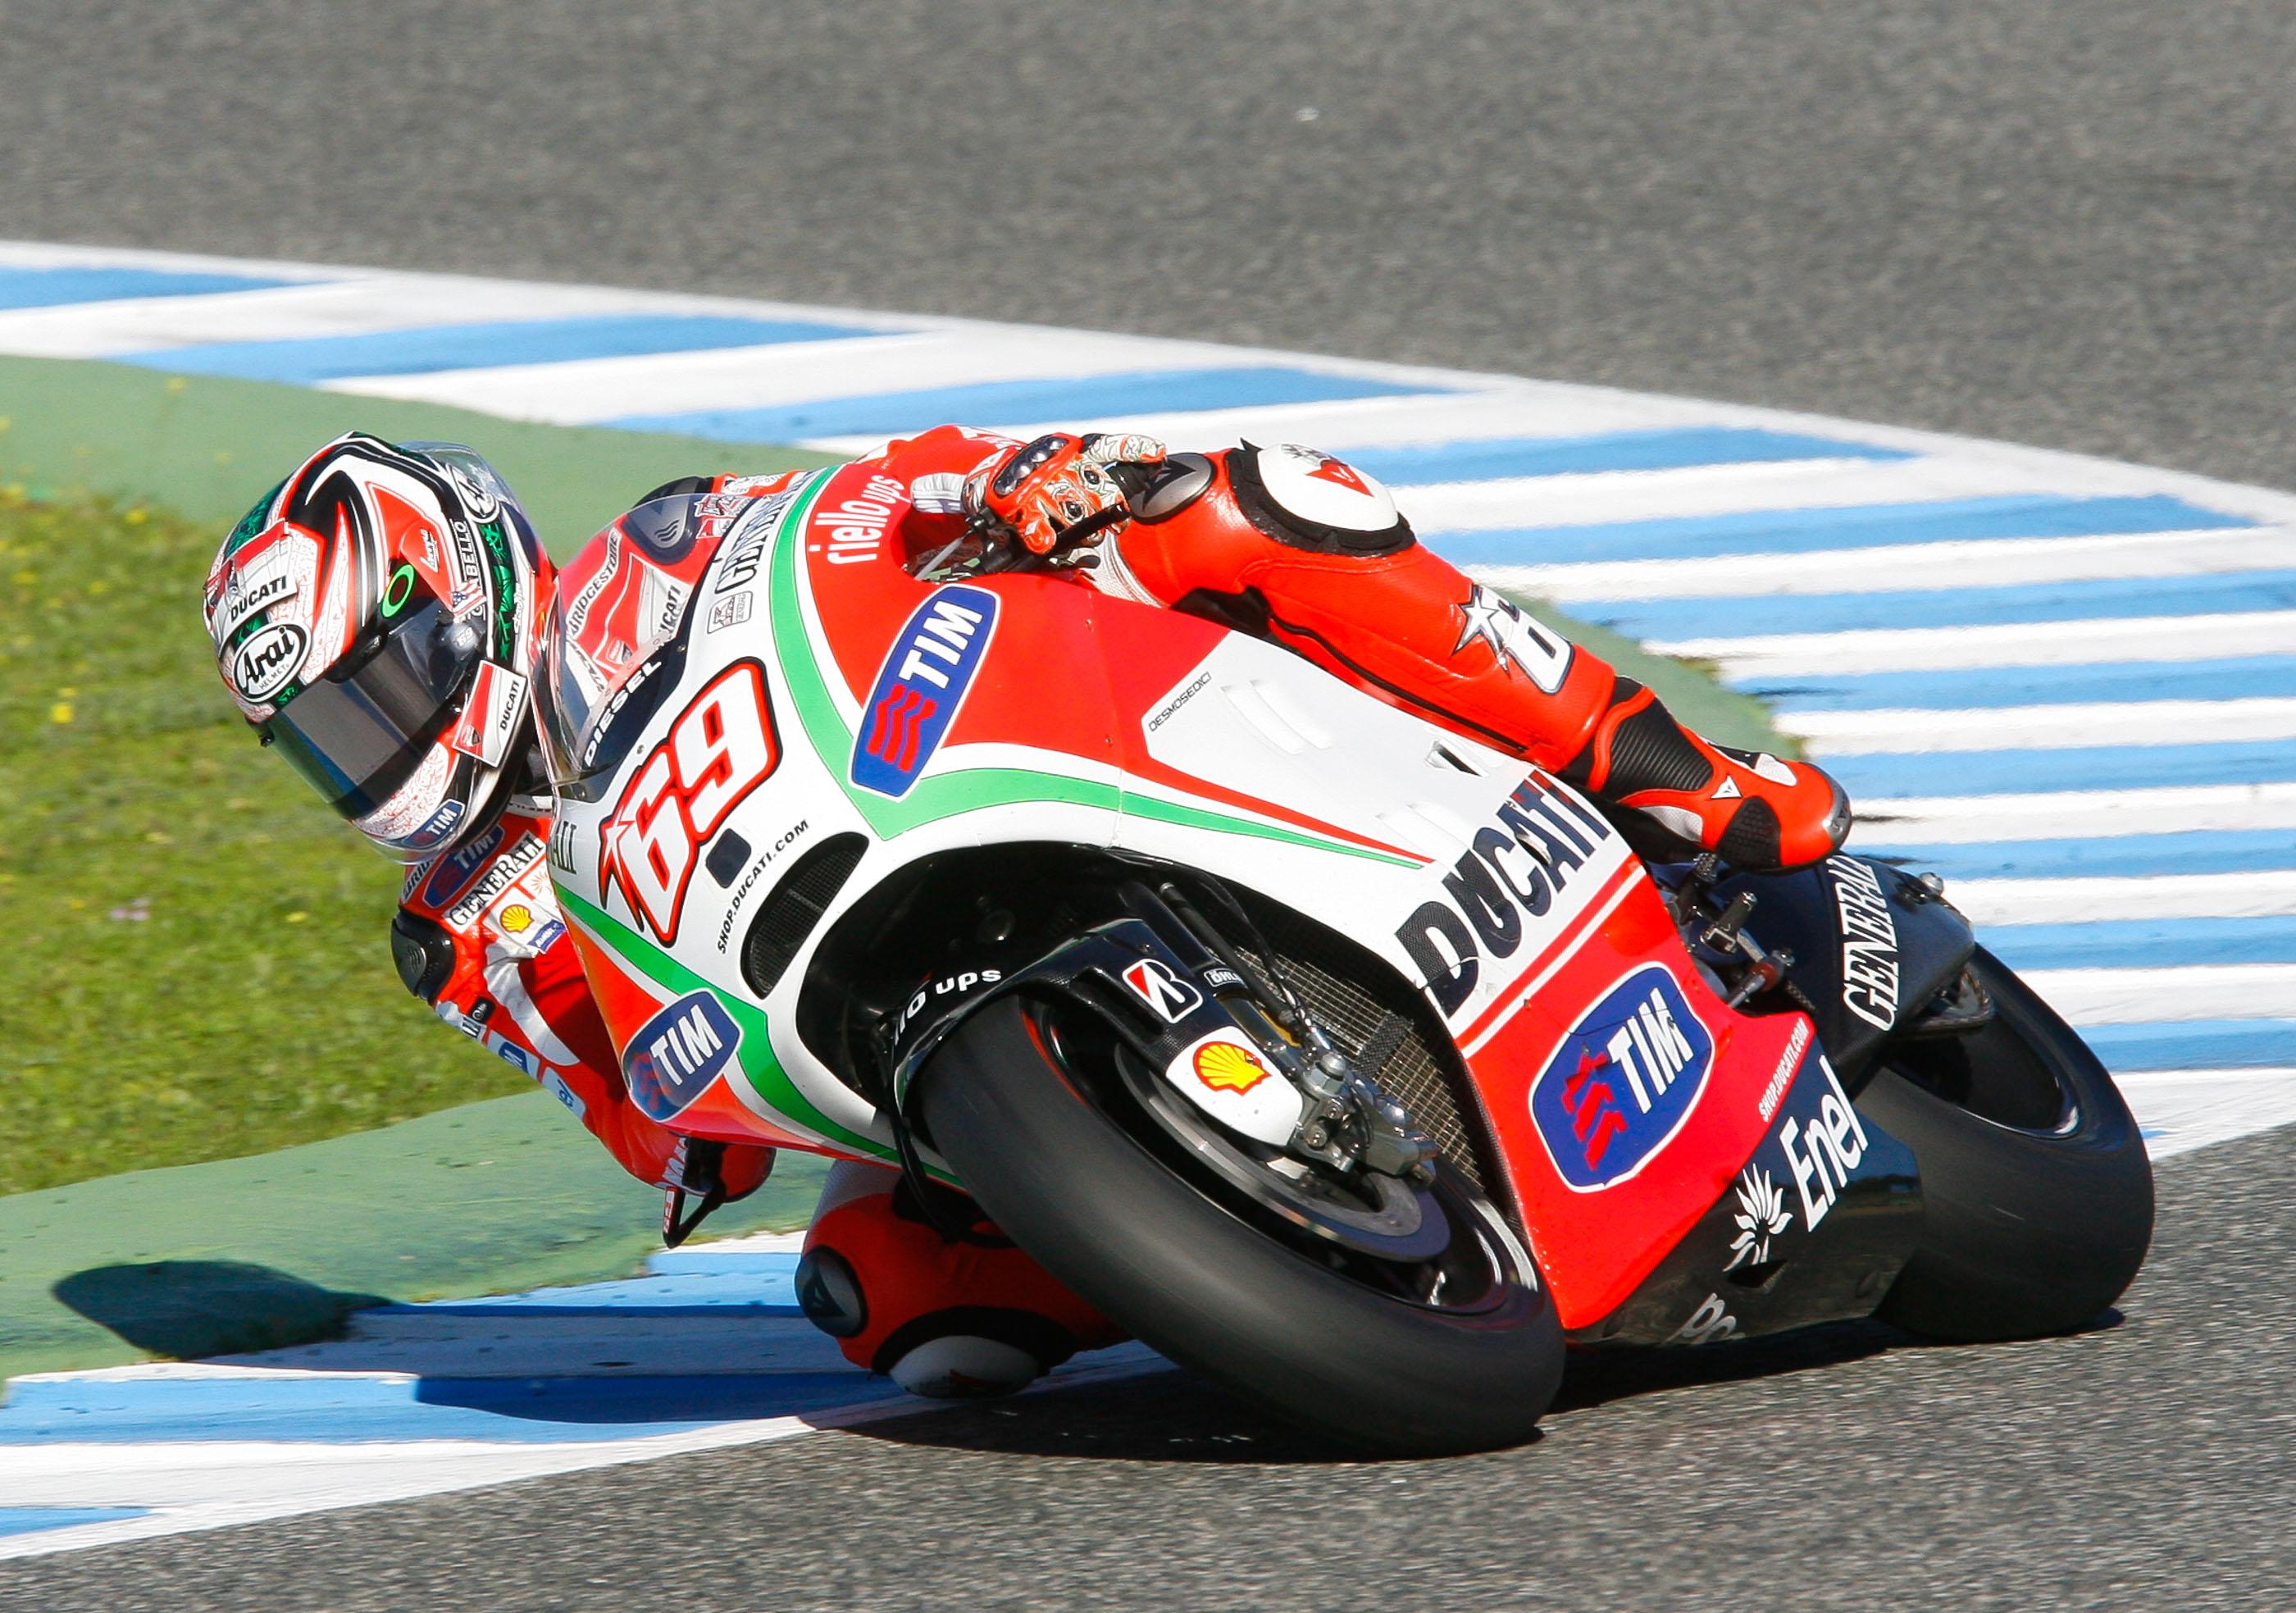 Hayden marca el mejor tiempo en el Test de Jerez